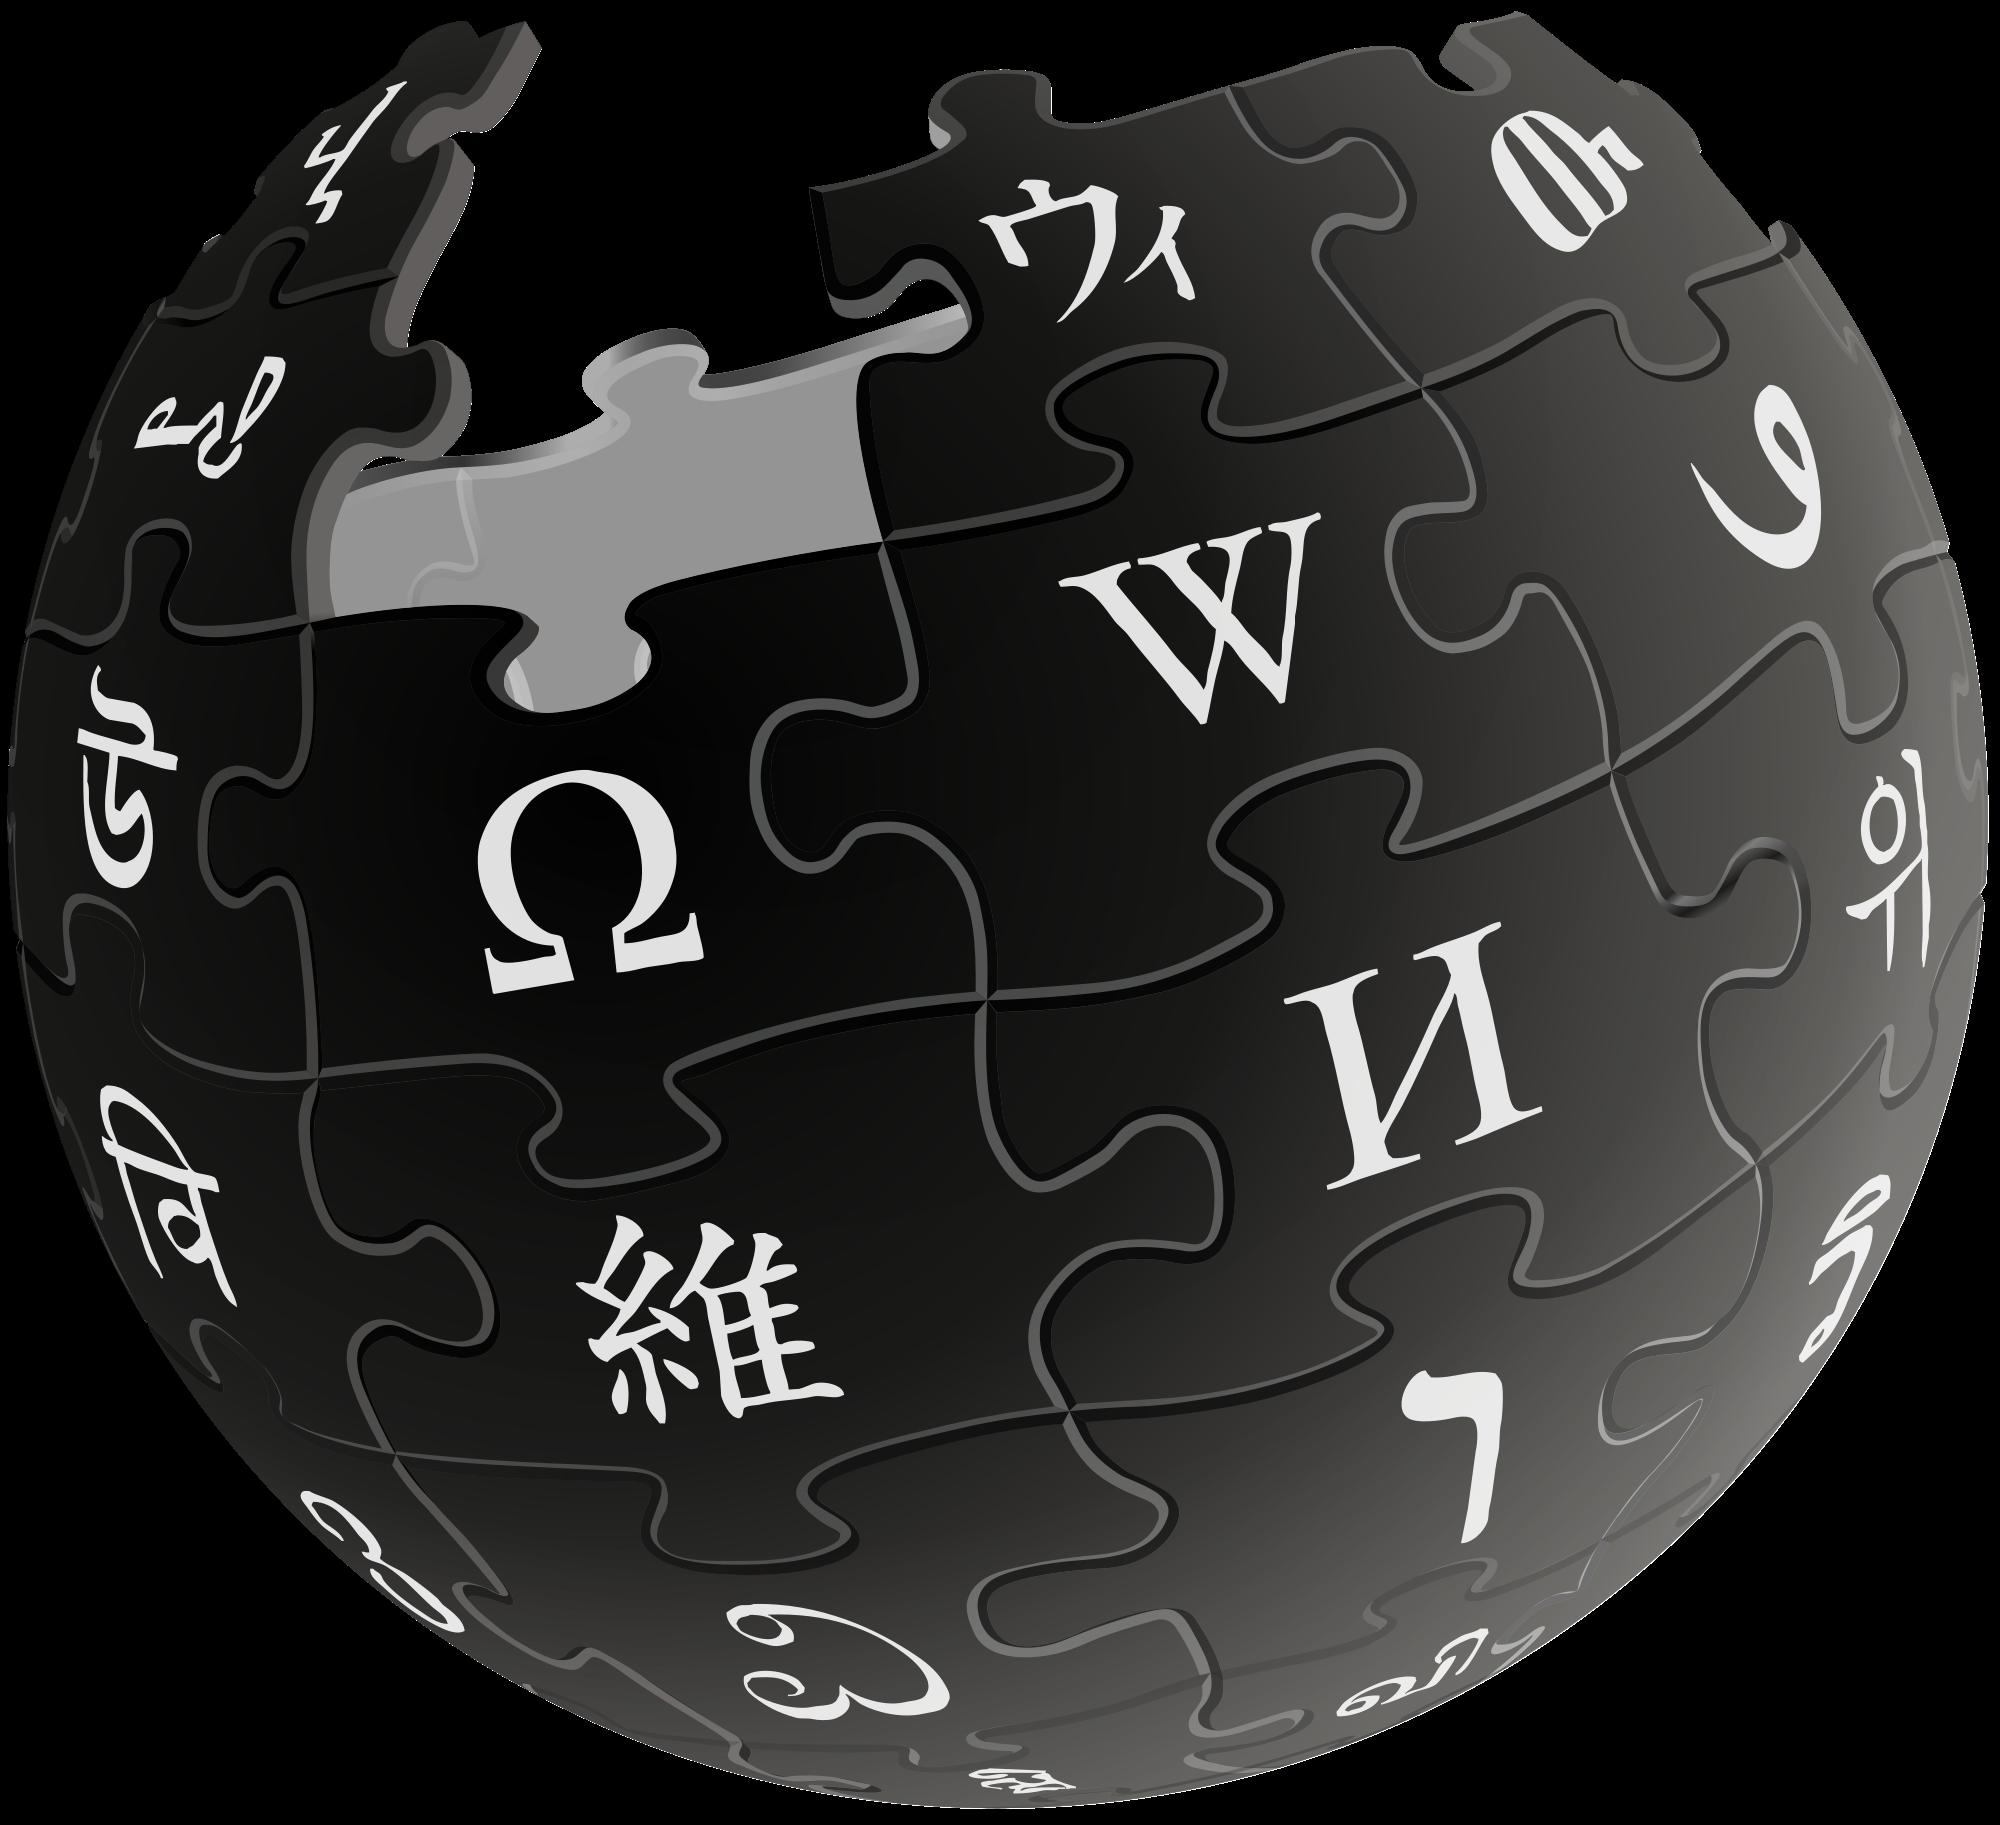 آیا برای هر موضوعی یک ویکی باید بسازیم؟